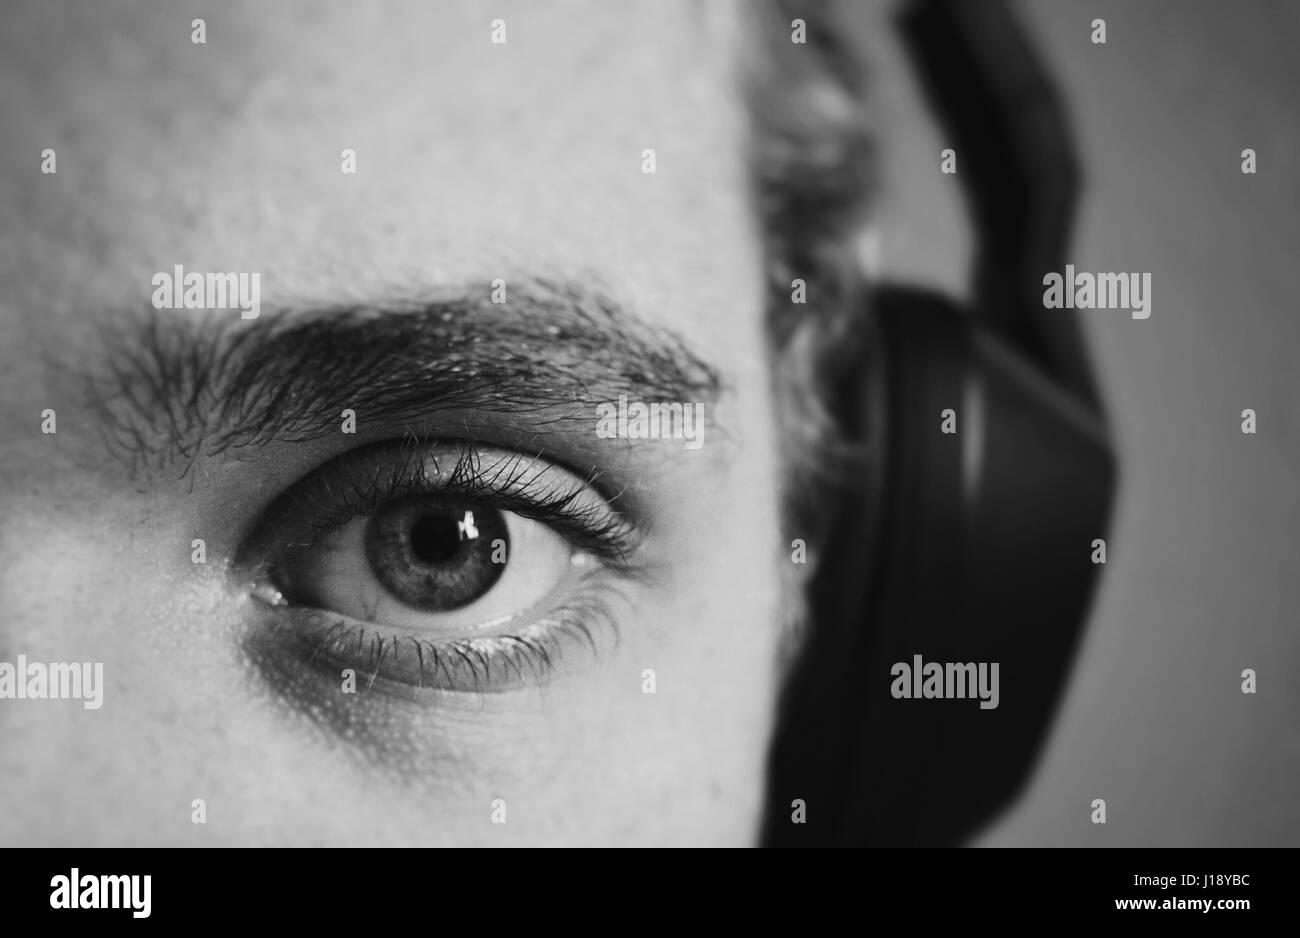 Les yeux se trouve. Pris un jour morne avec personne d'autre autour. Photo Stock